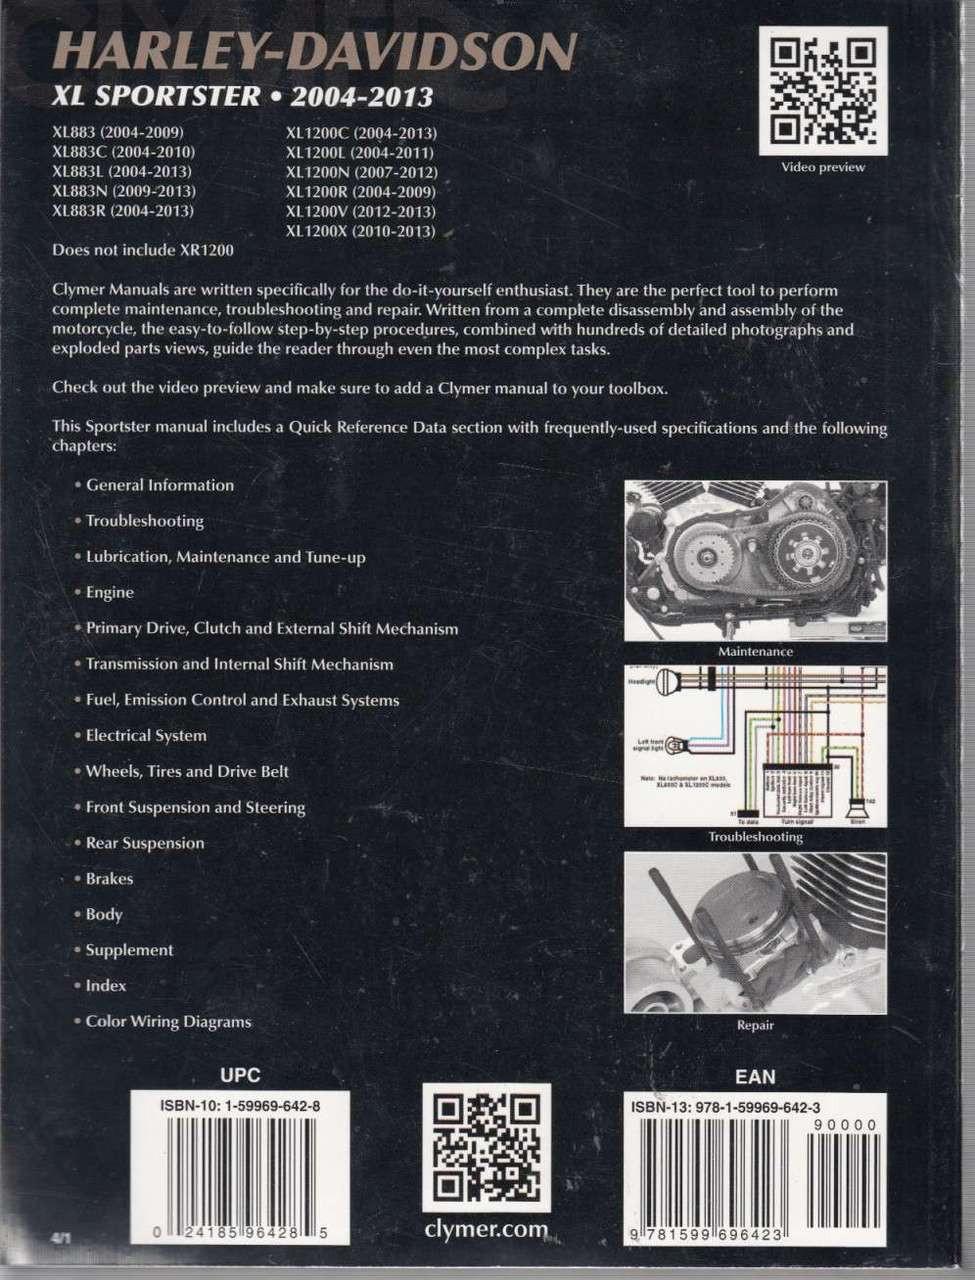 harley davidson xl sportster 2004 2013 workshop manual back cover [ 975 x 1280 Pixel ]